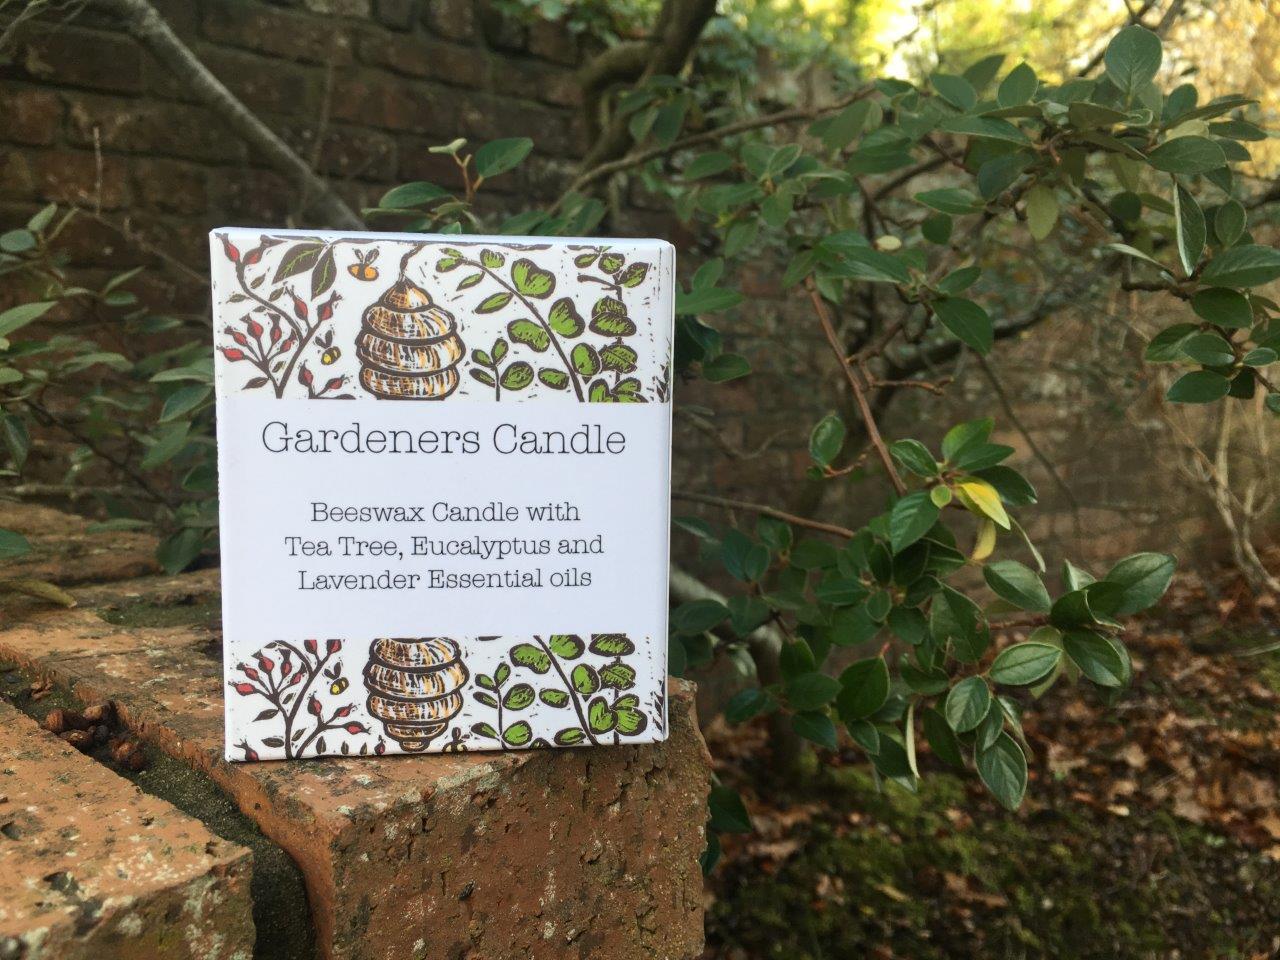 Gardeners Candle